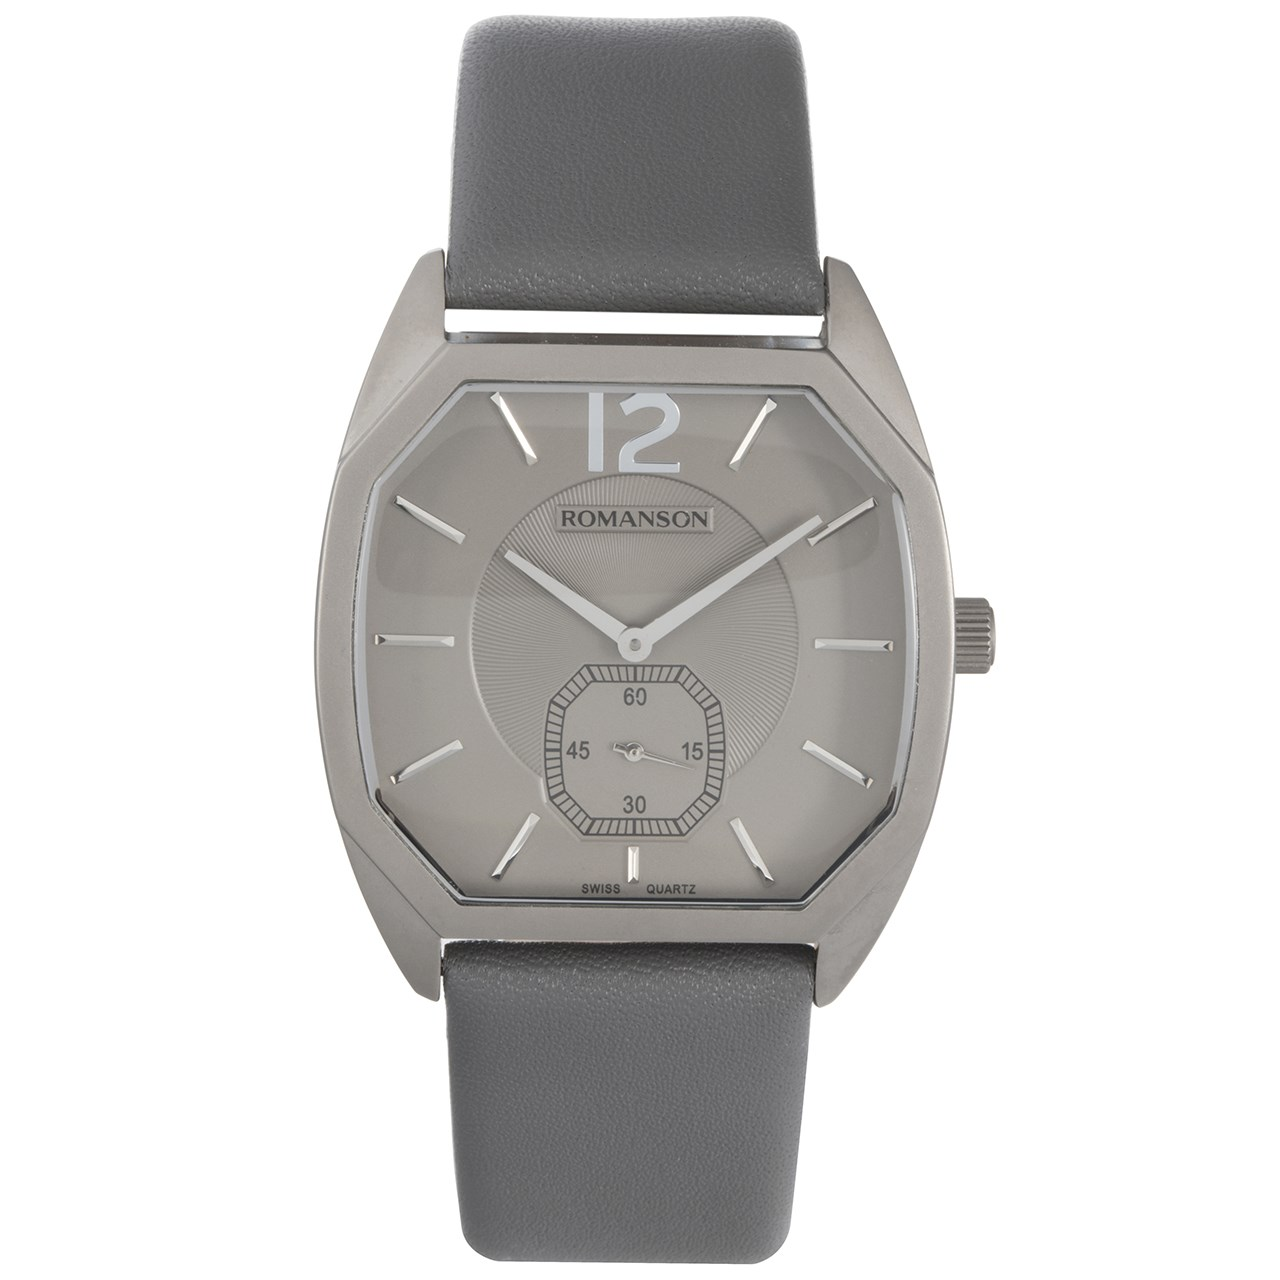 ساعت مچی عقربه ای مردانه رومانسون مدل TL1247MM1WAA2W 4